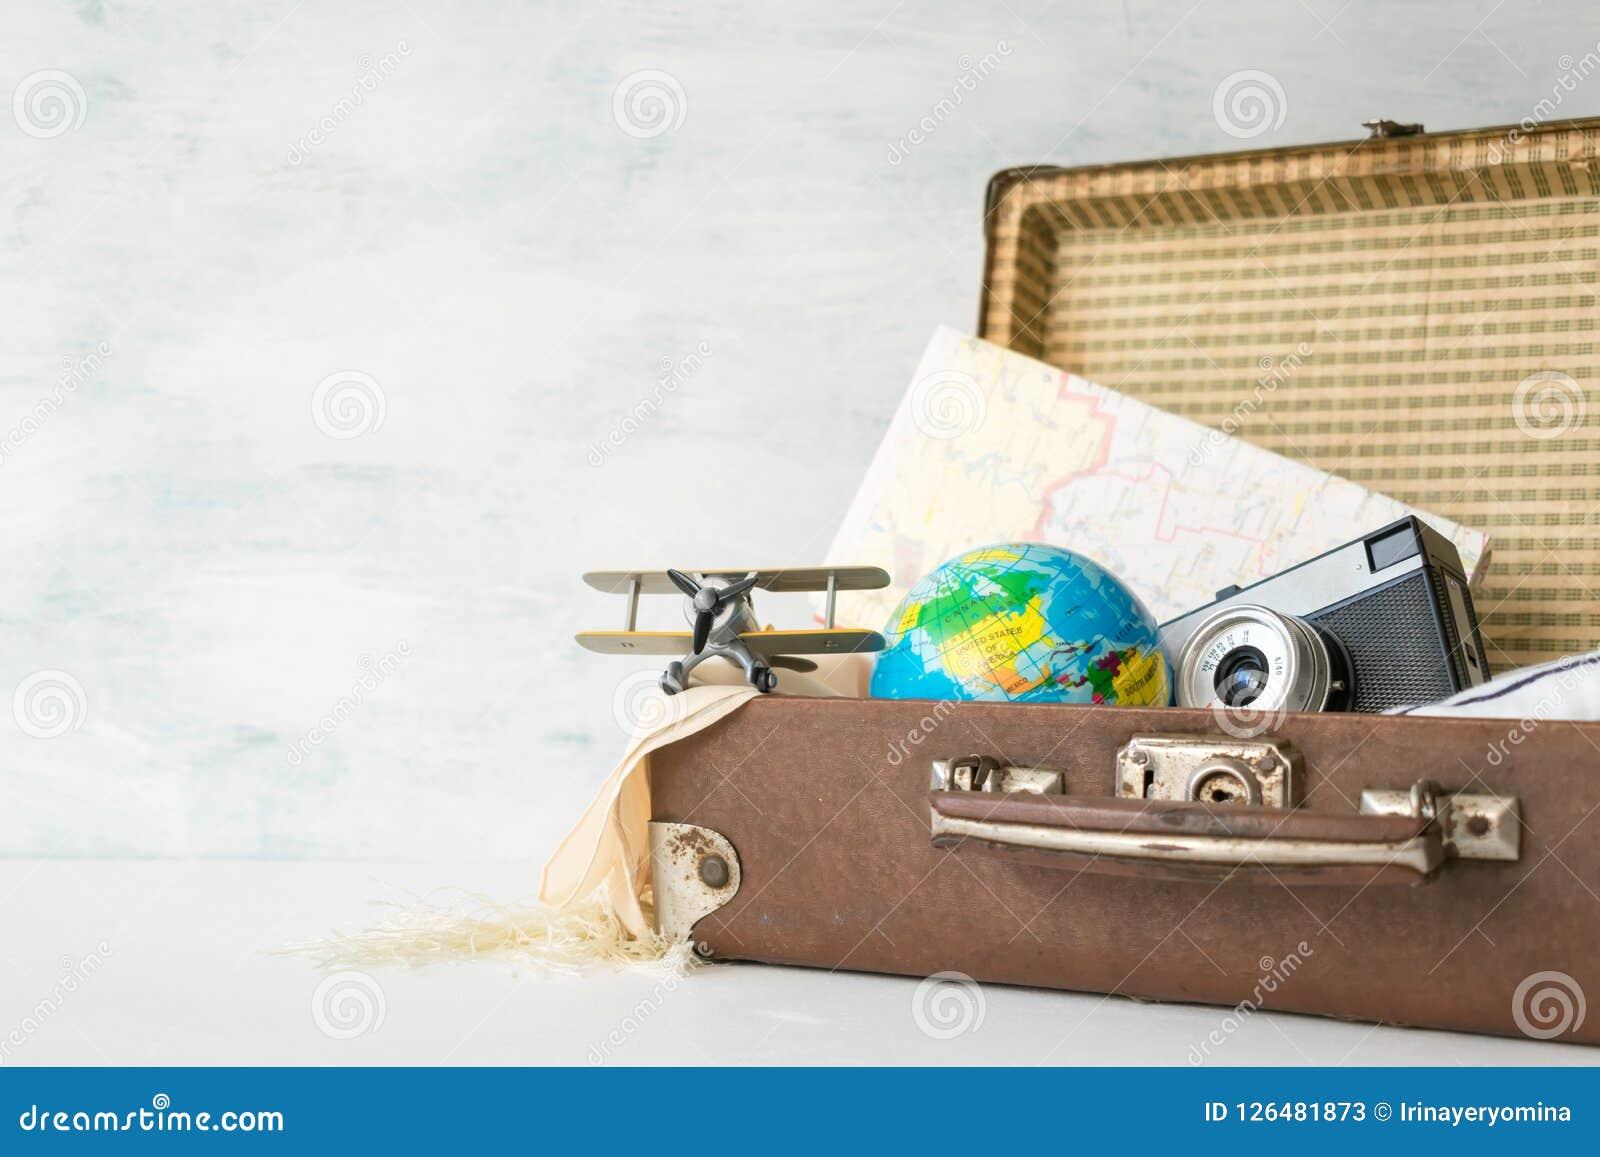 Reise, Abenteuer, Ferienkonzept Retro- Koffer Browns mit t